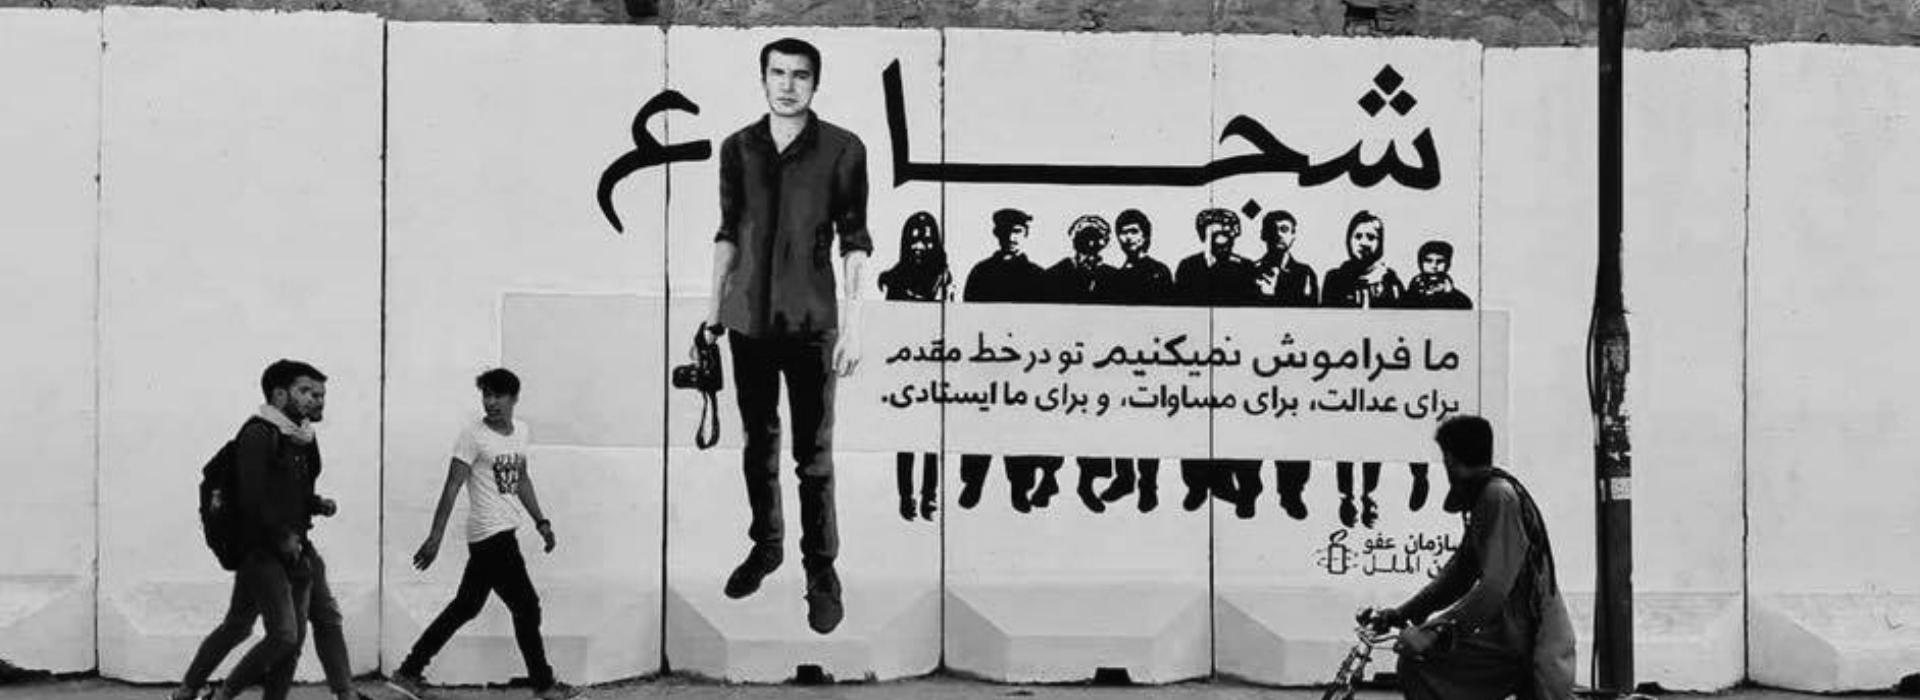 Un murale a Kabul dedicato al coraggio dei difensori dei diritti umani